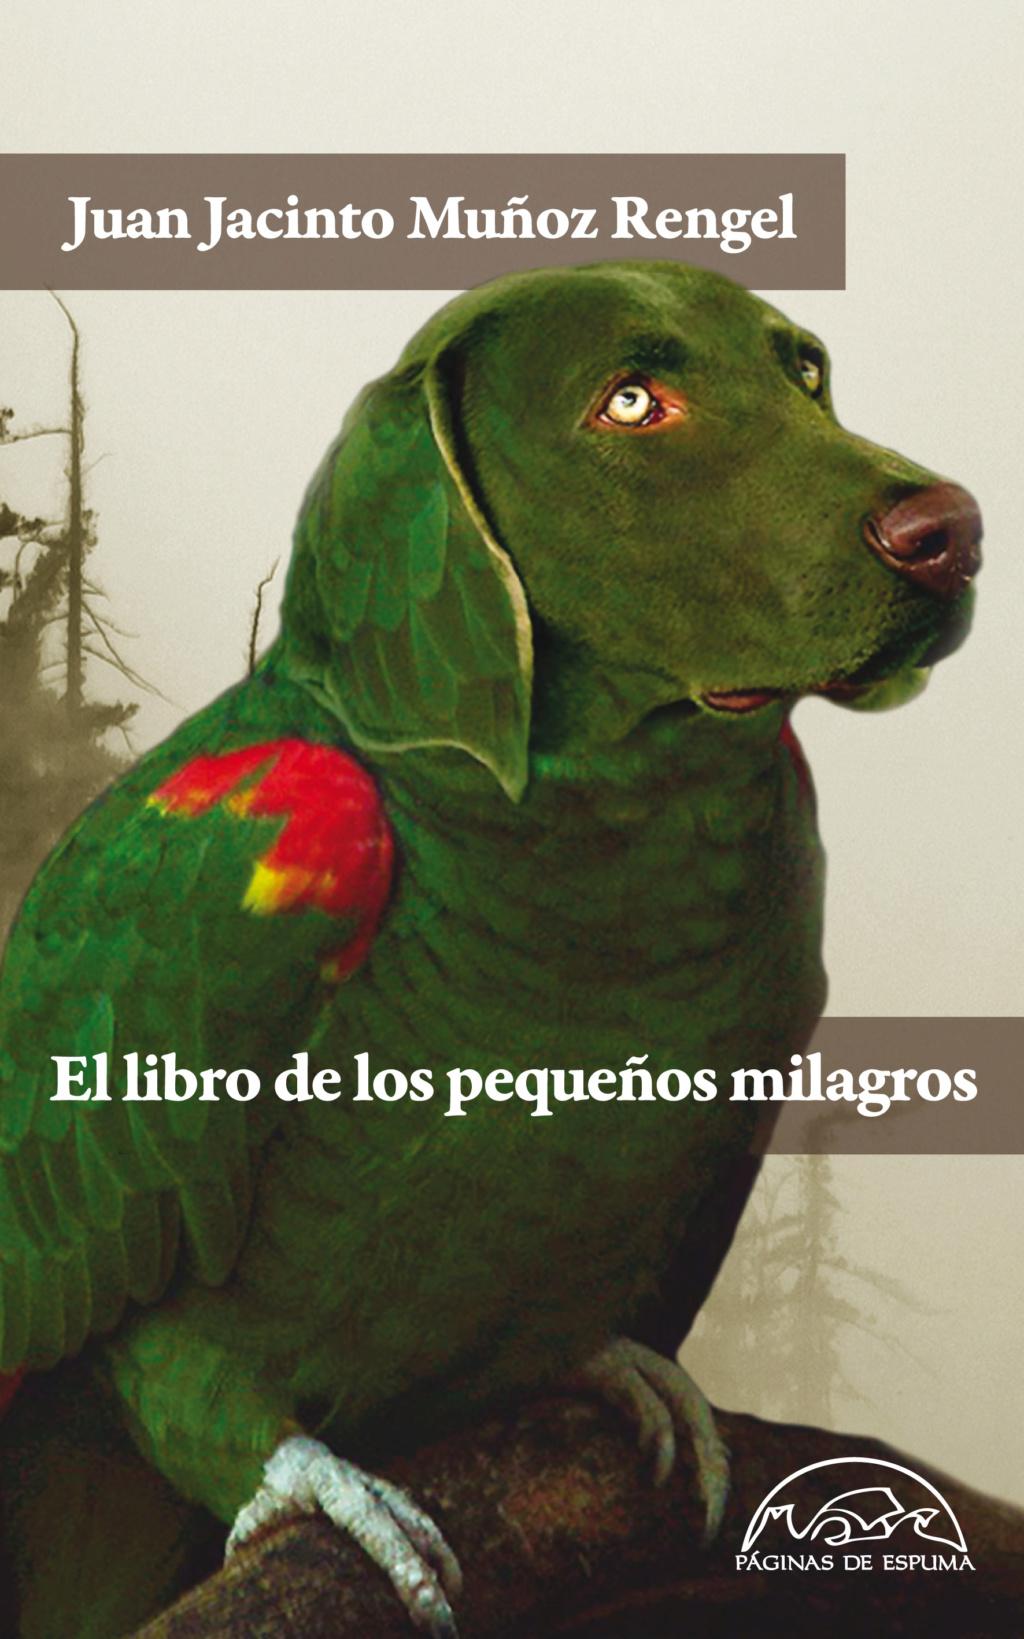 El libro de los pequeños milagros - Juan Jacinto Muñoz Rengel Portad23